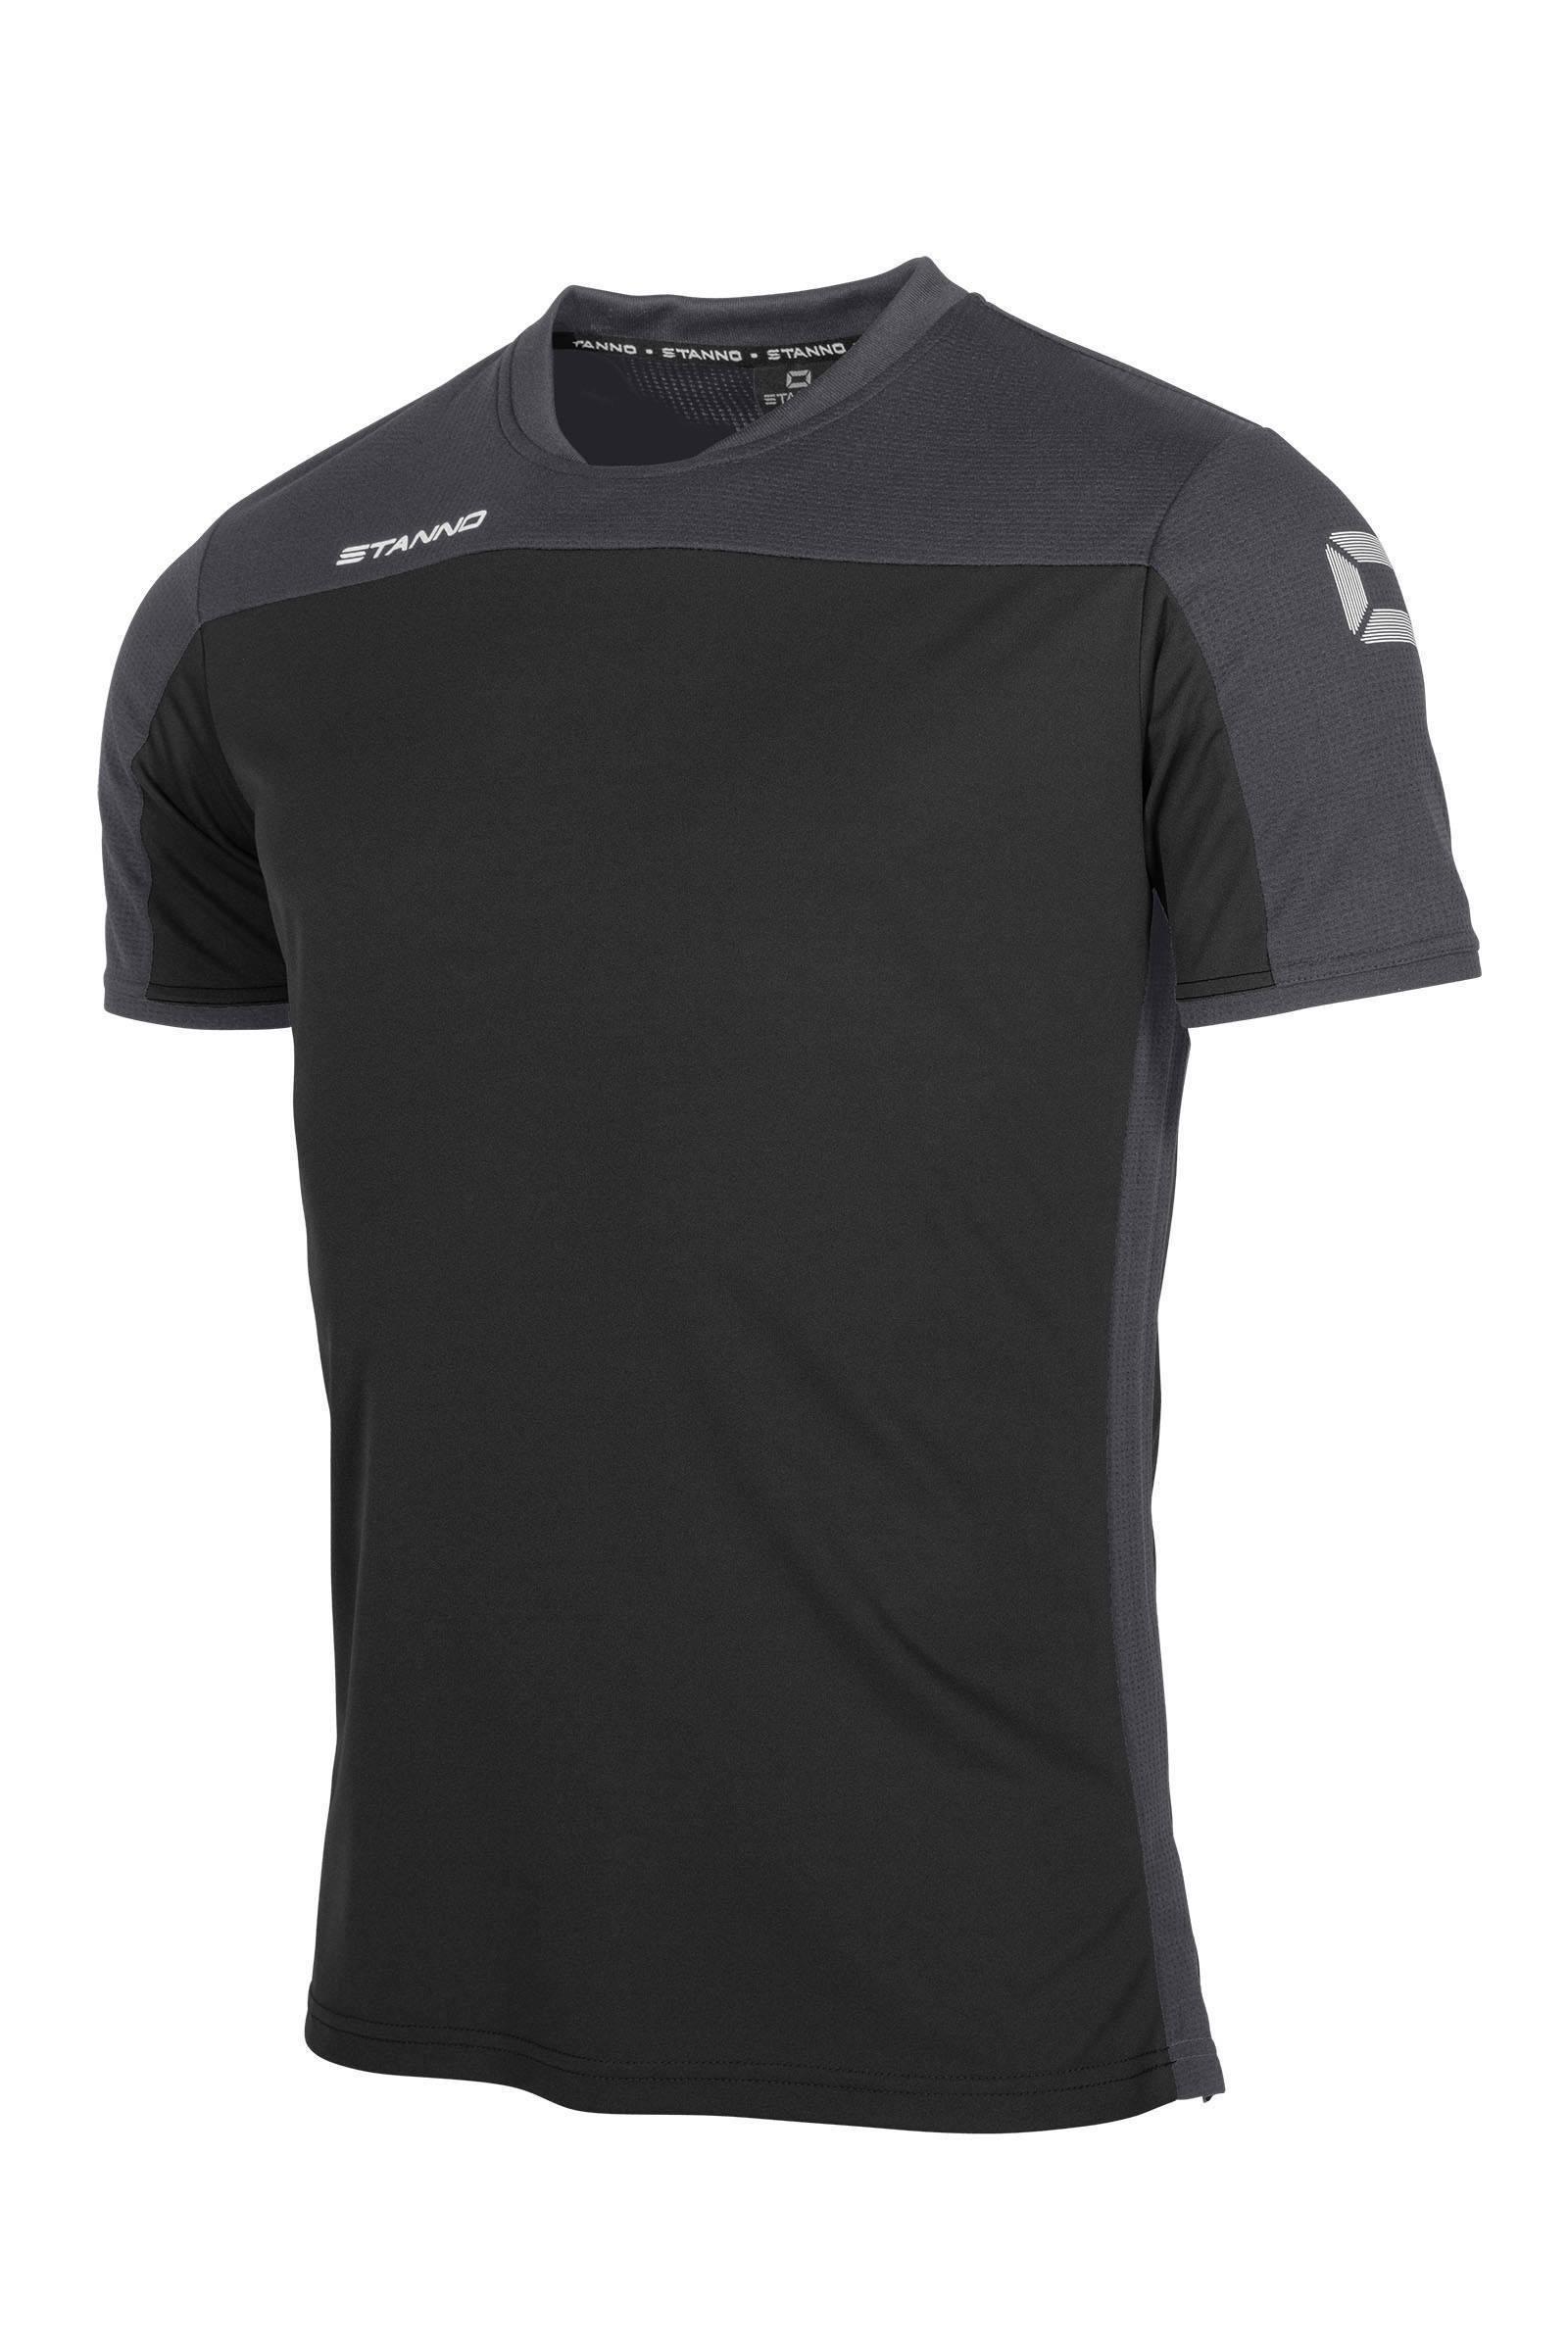 Stanno voetbalshirt zwart/antraciet - maat 140